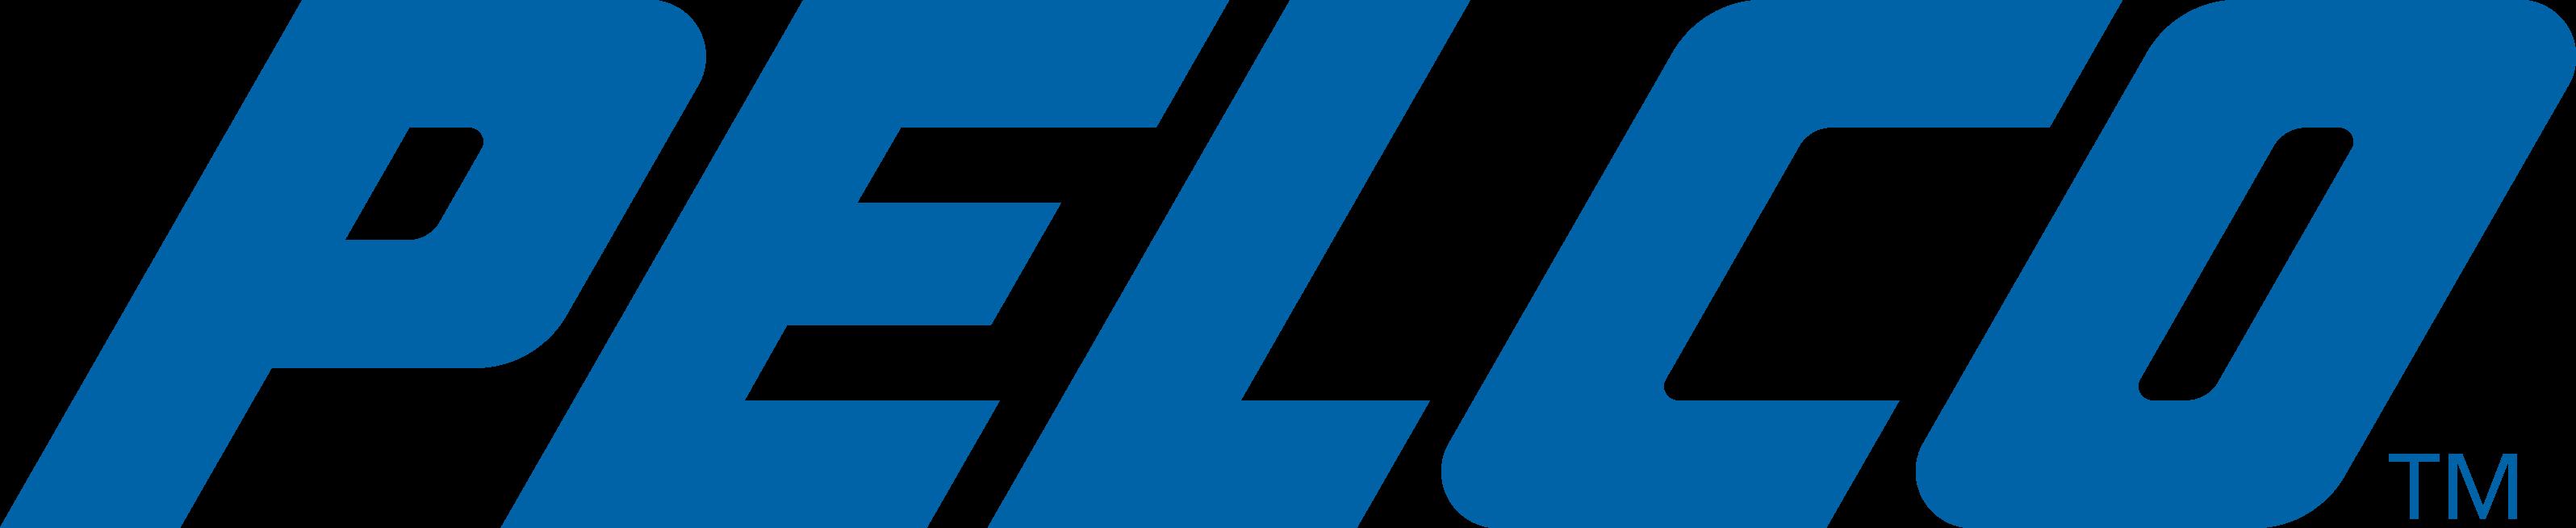 Pelco Logo New | GC&E Systems Group